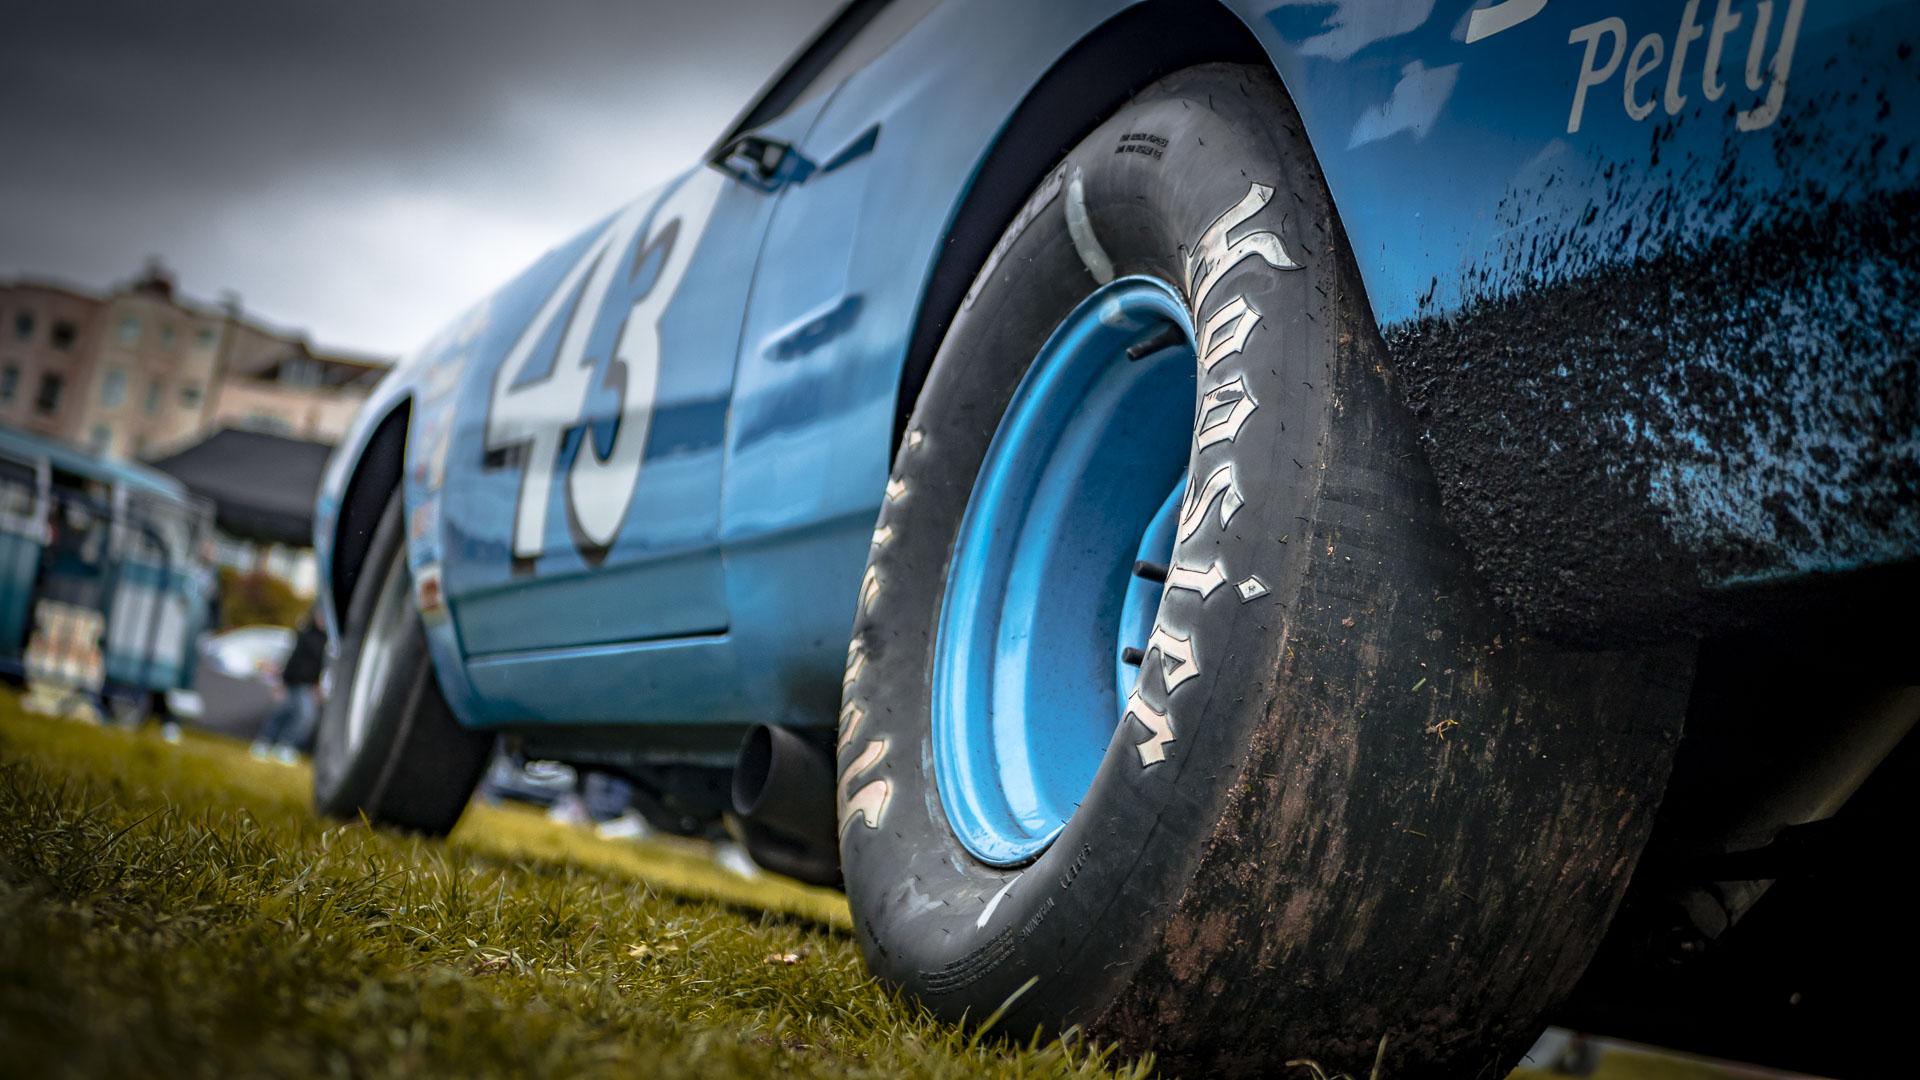 Lancing car show 2018 Golding barn garage 11